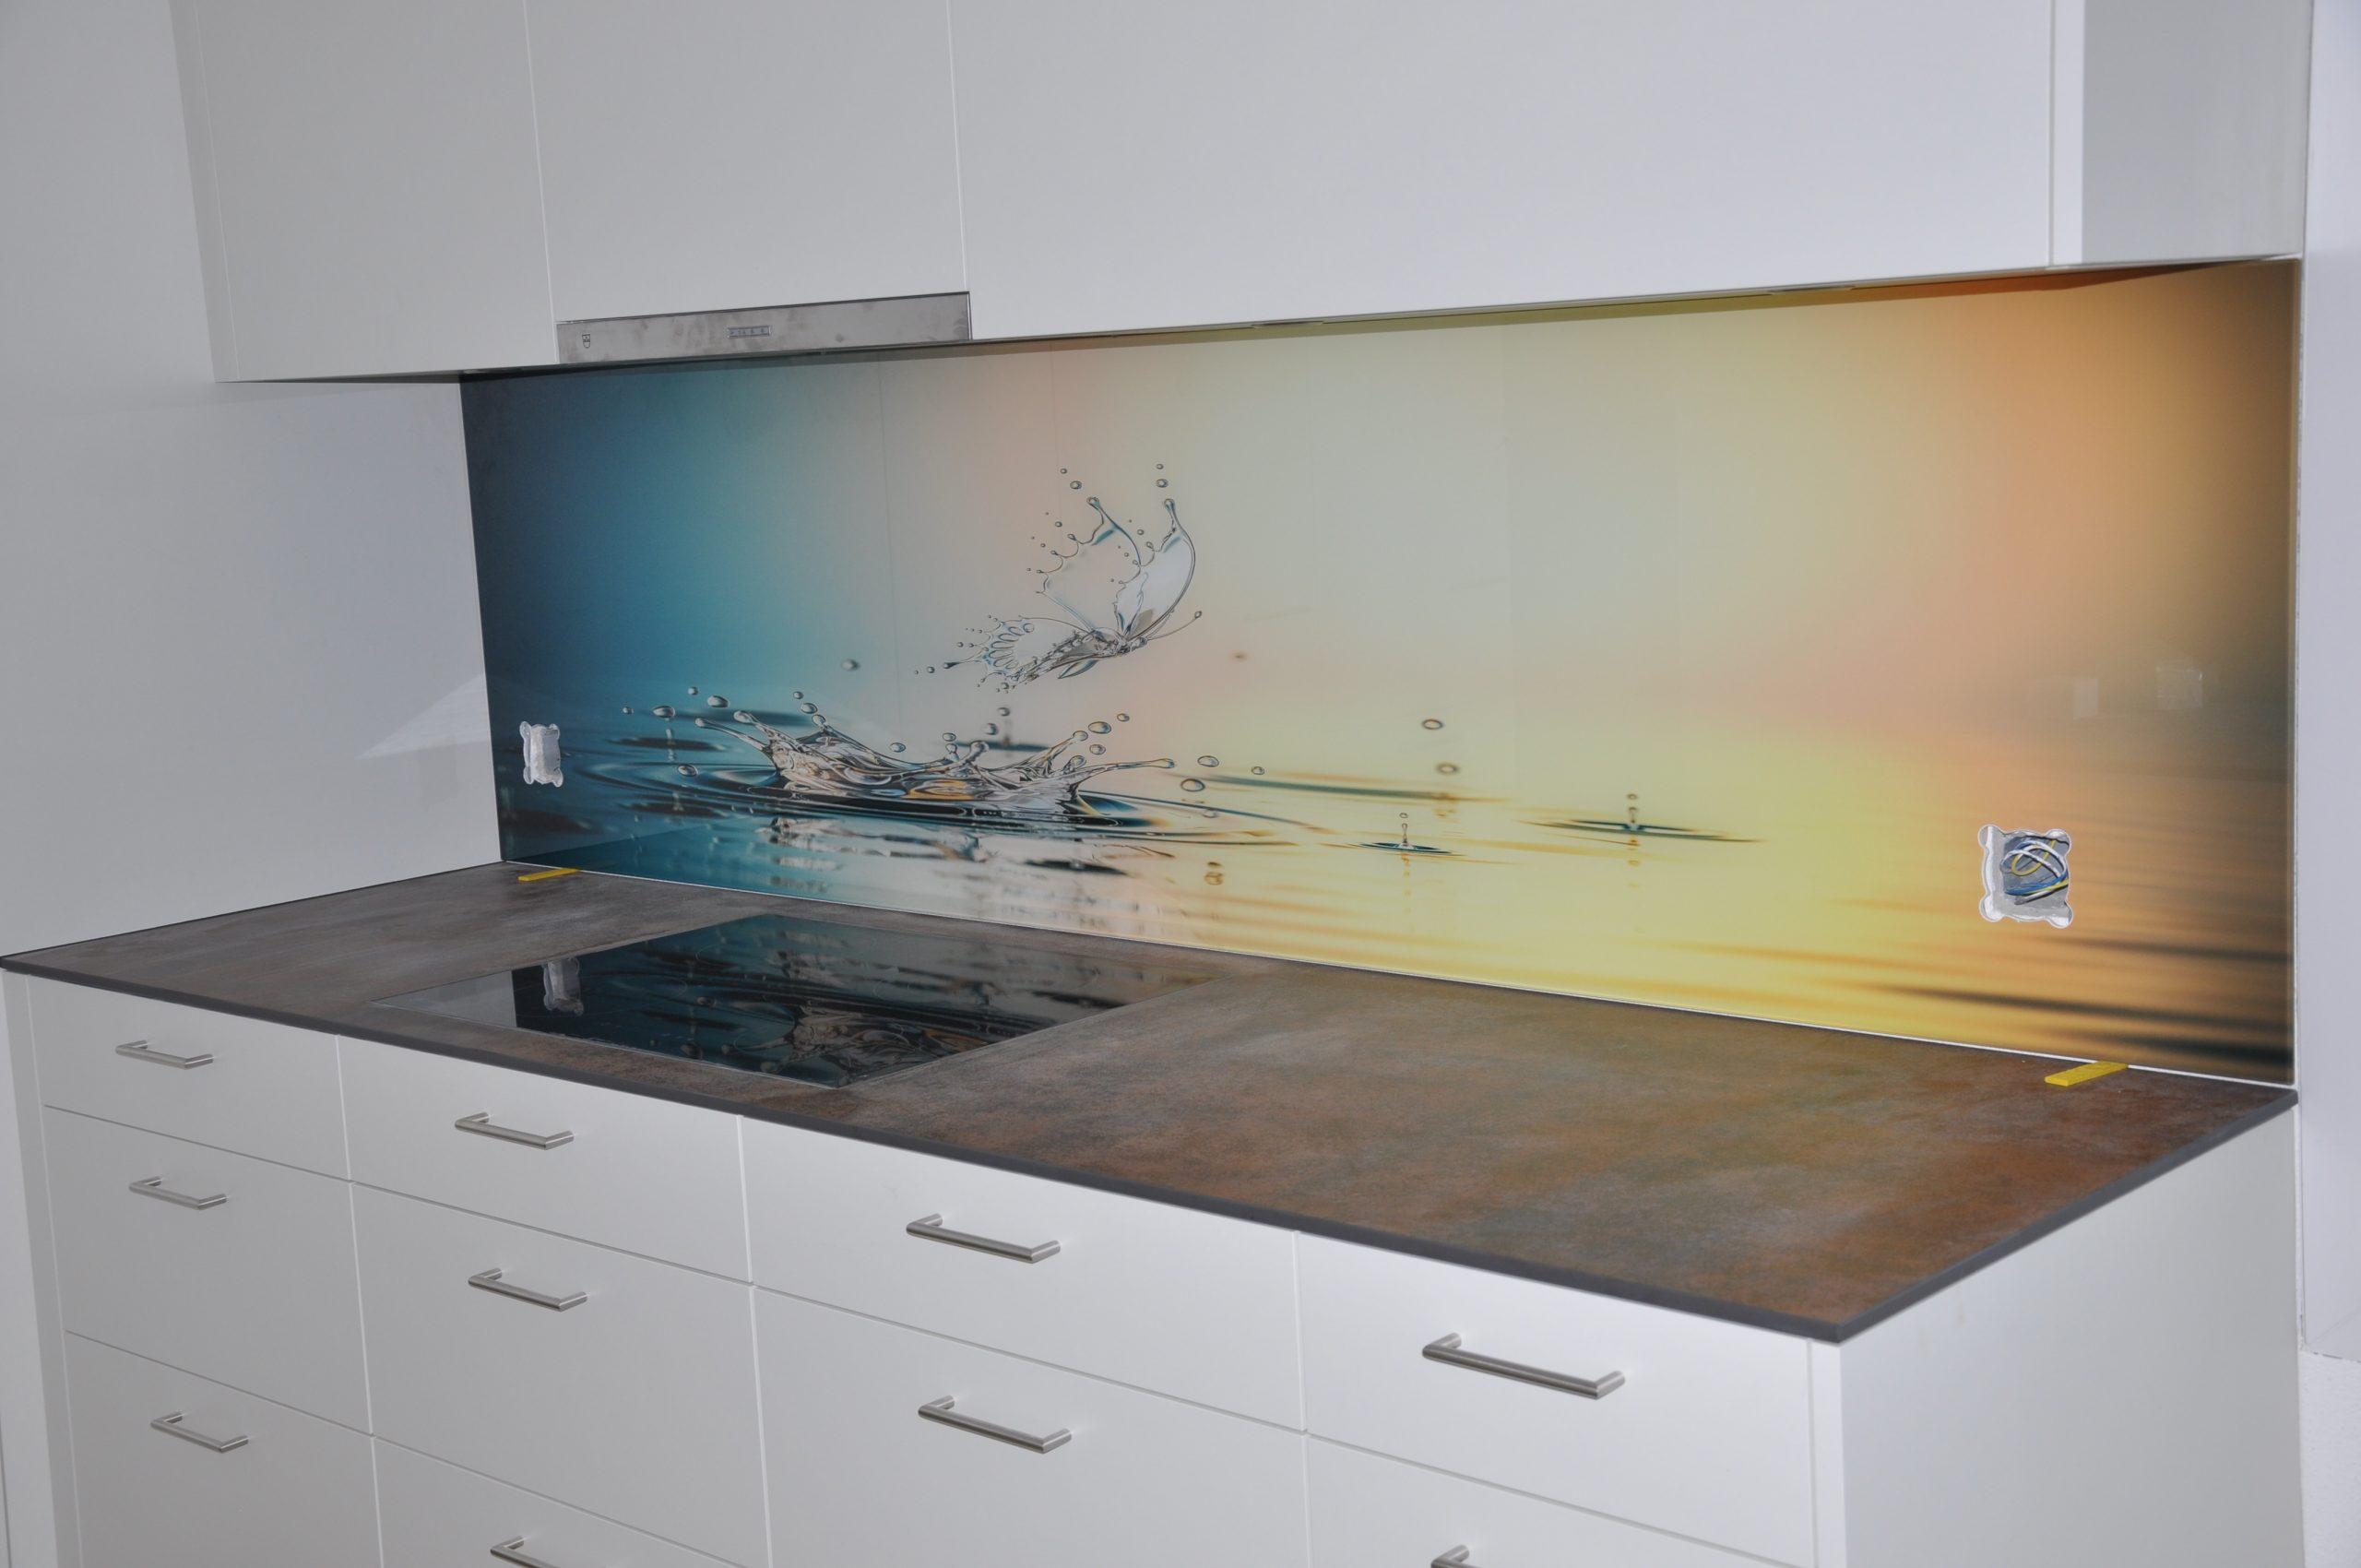 Küchenrückwand aus Glas mit Obstbild